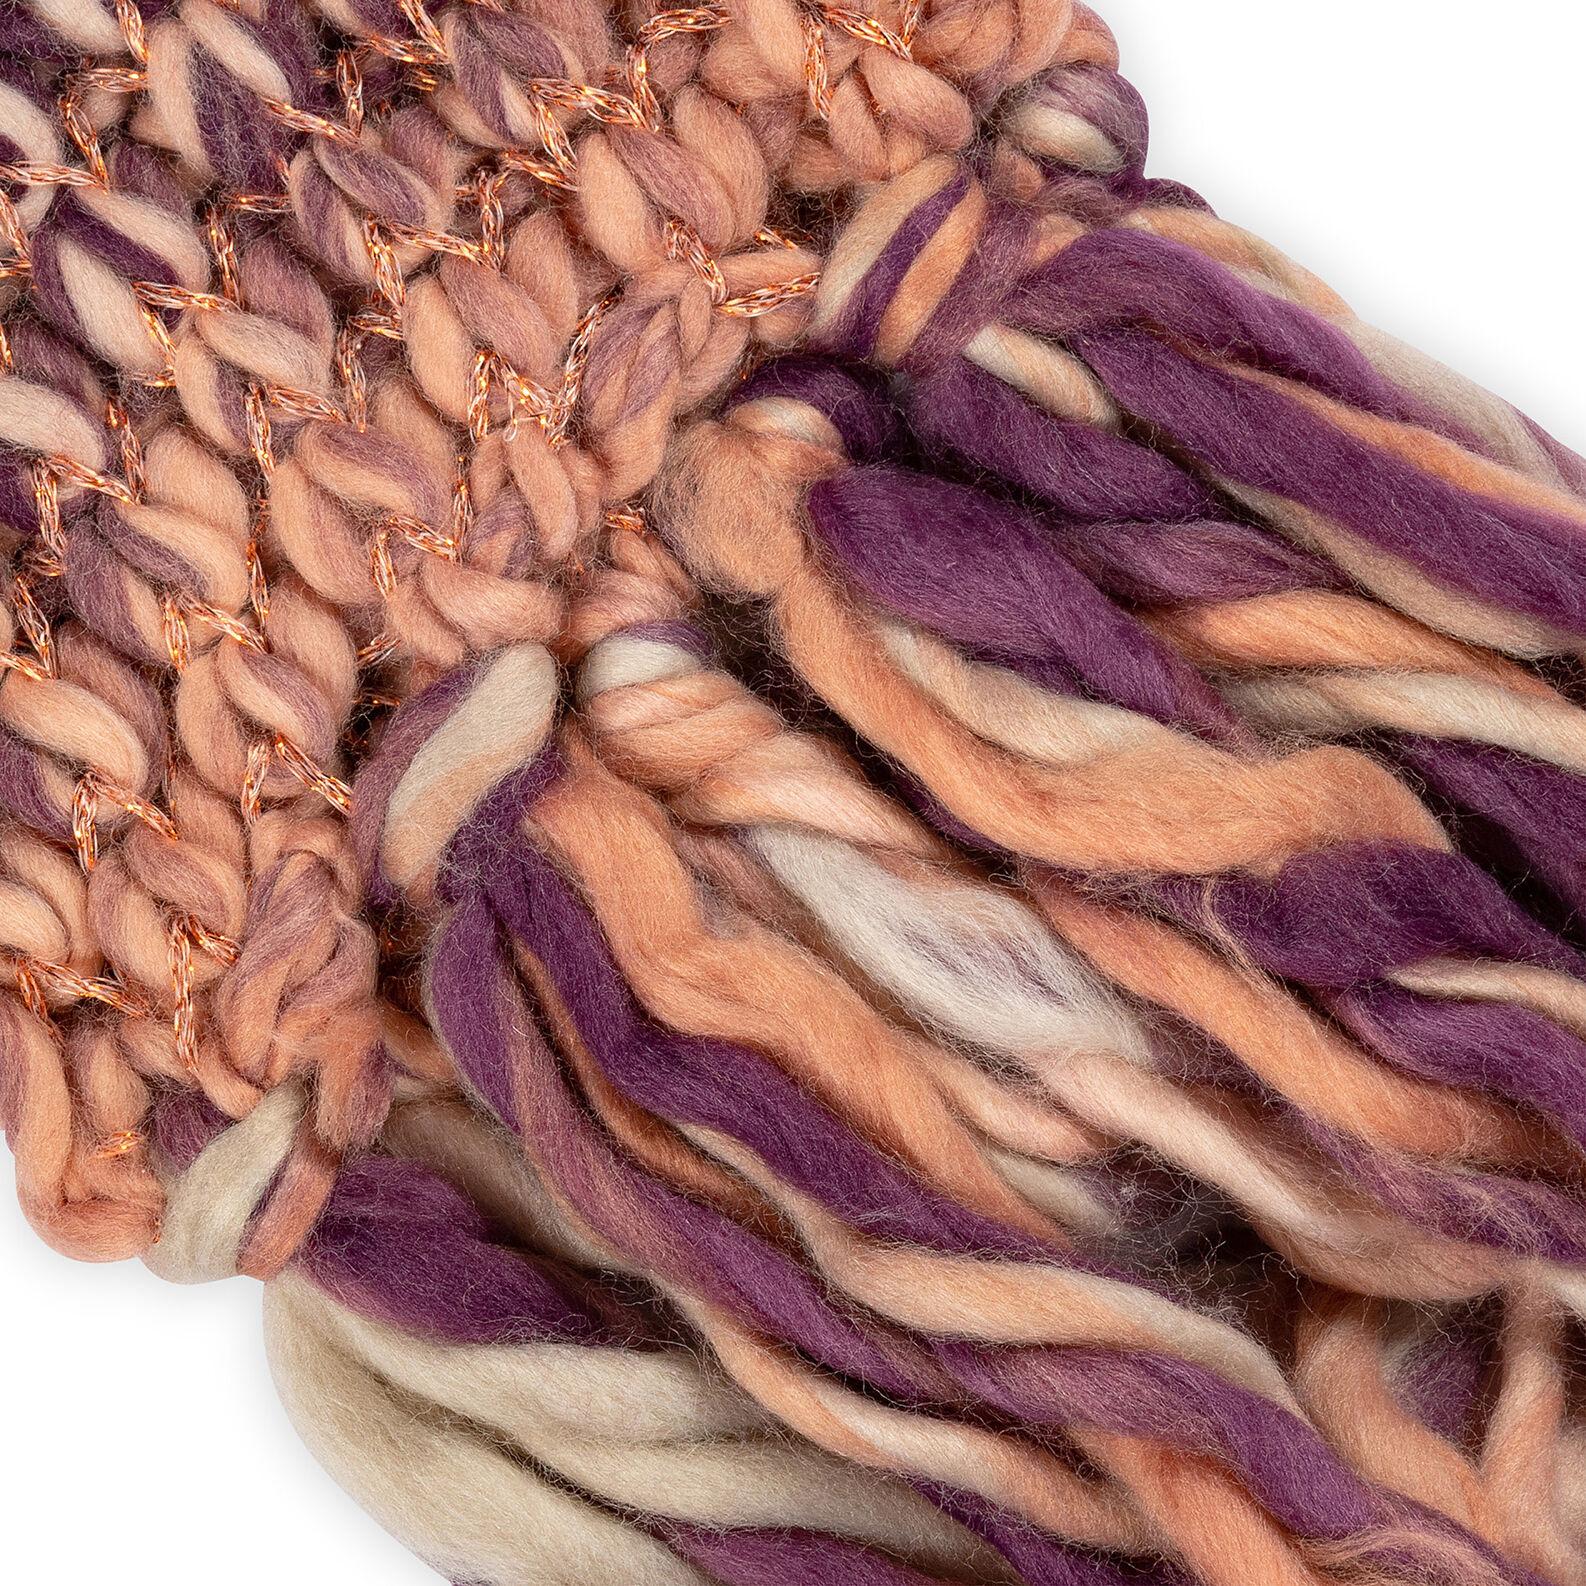 Koan woven fabric scarf